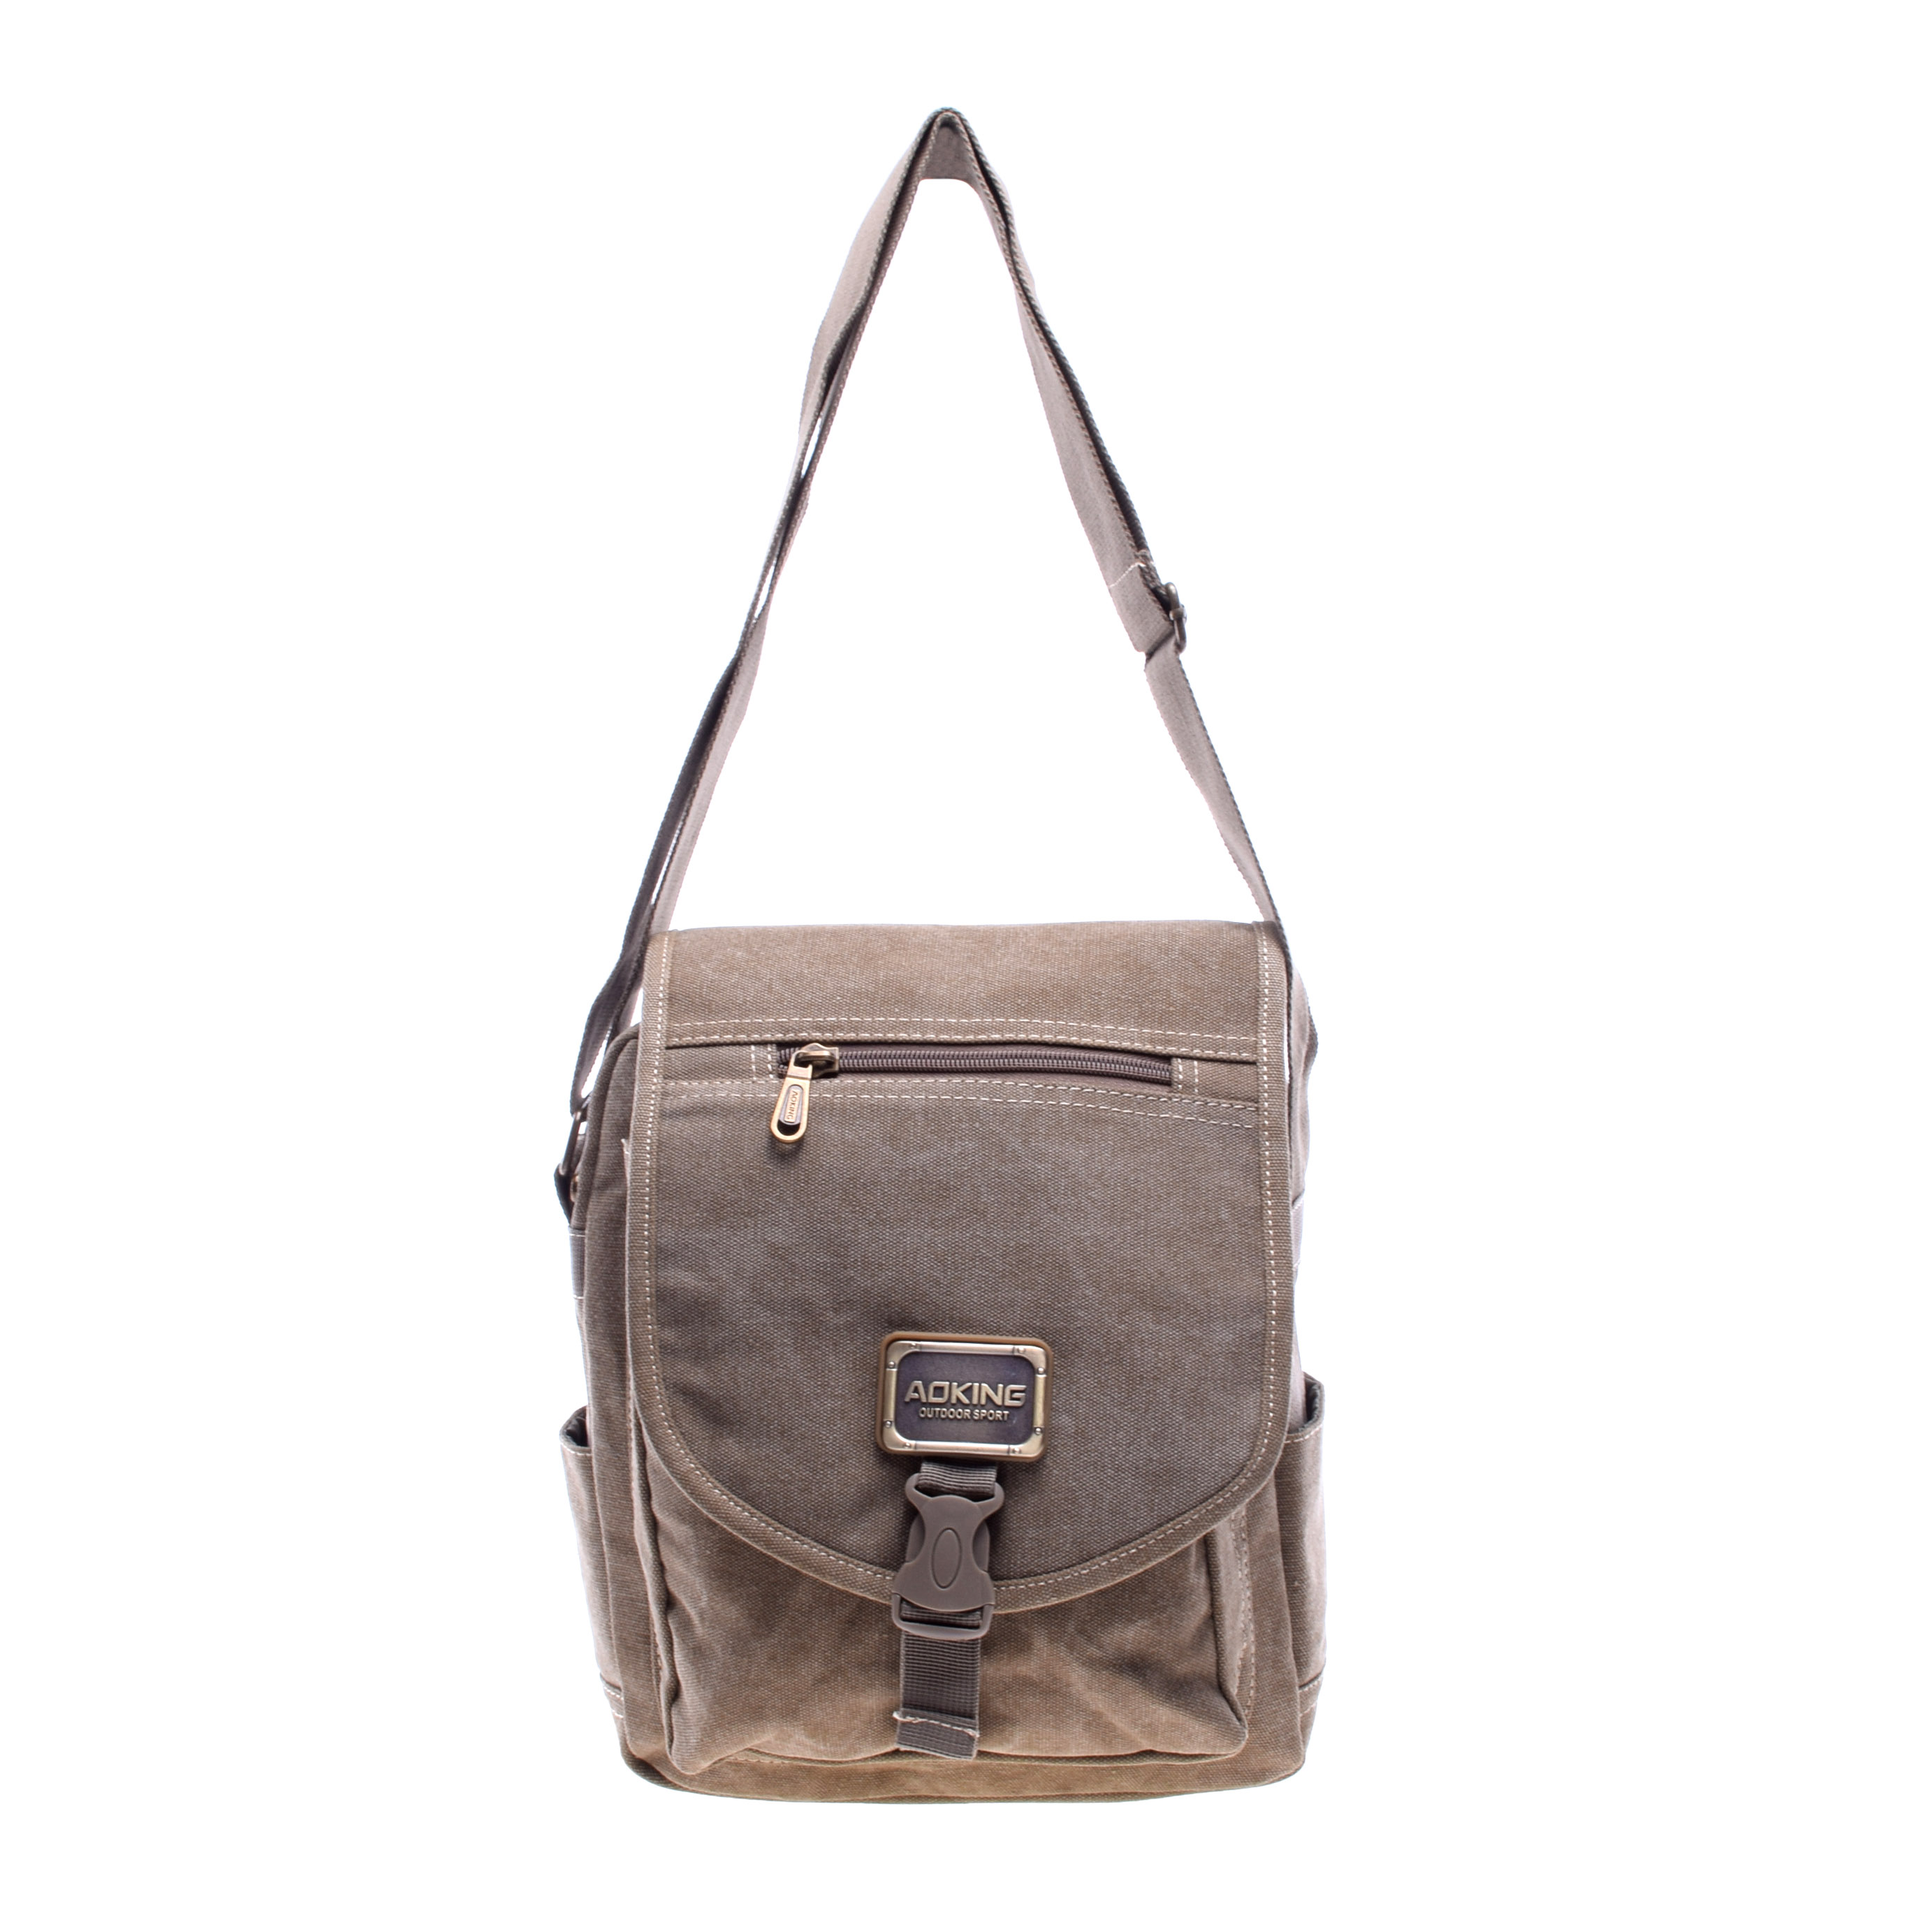 Aoking Férfi Barna Textil Oldaltáska - OLDALTÁSKÁK - Táska webáruház -  Minőségi táskák mindenkinek 0187c27b9b